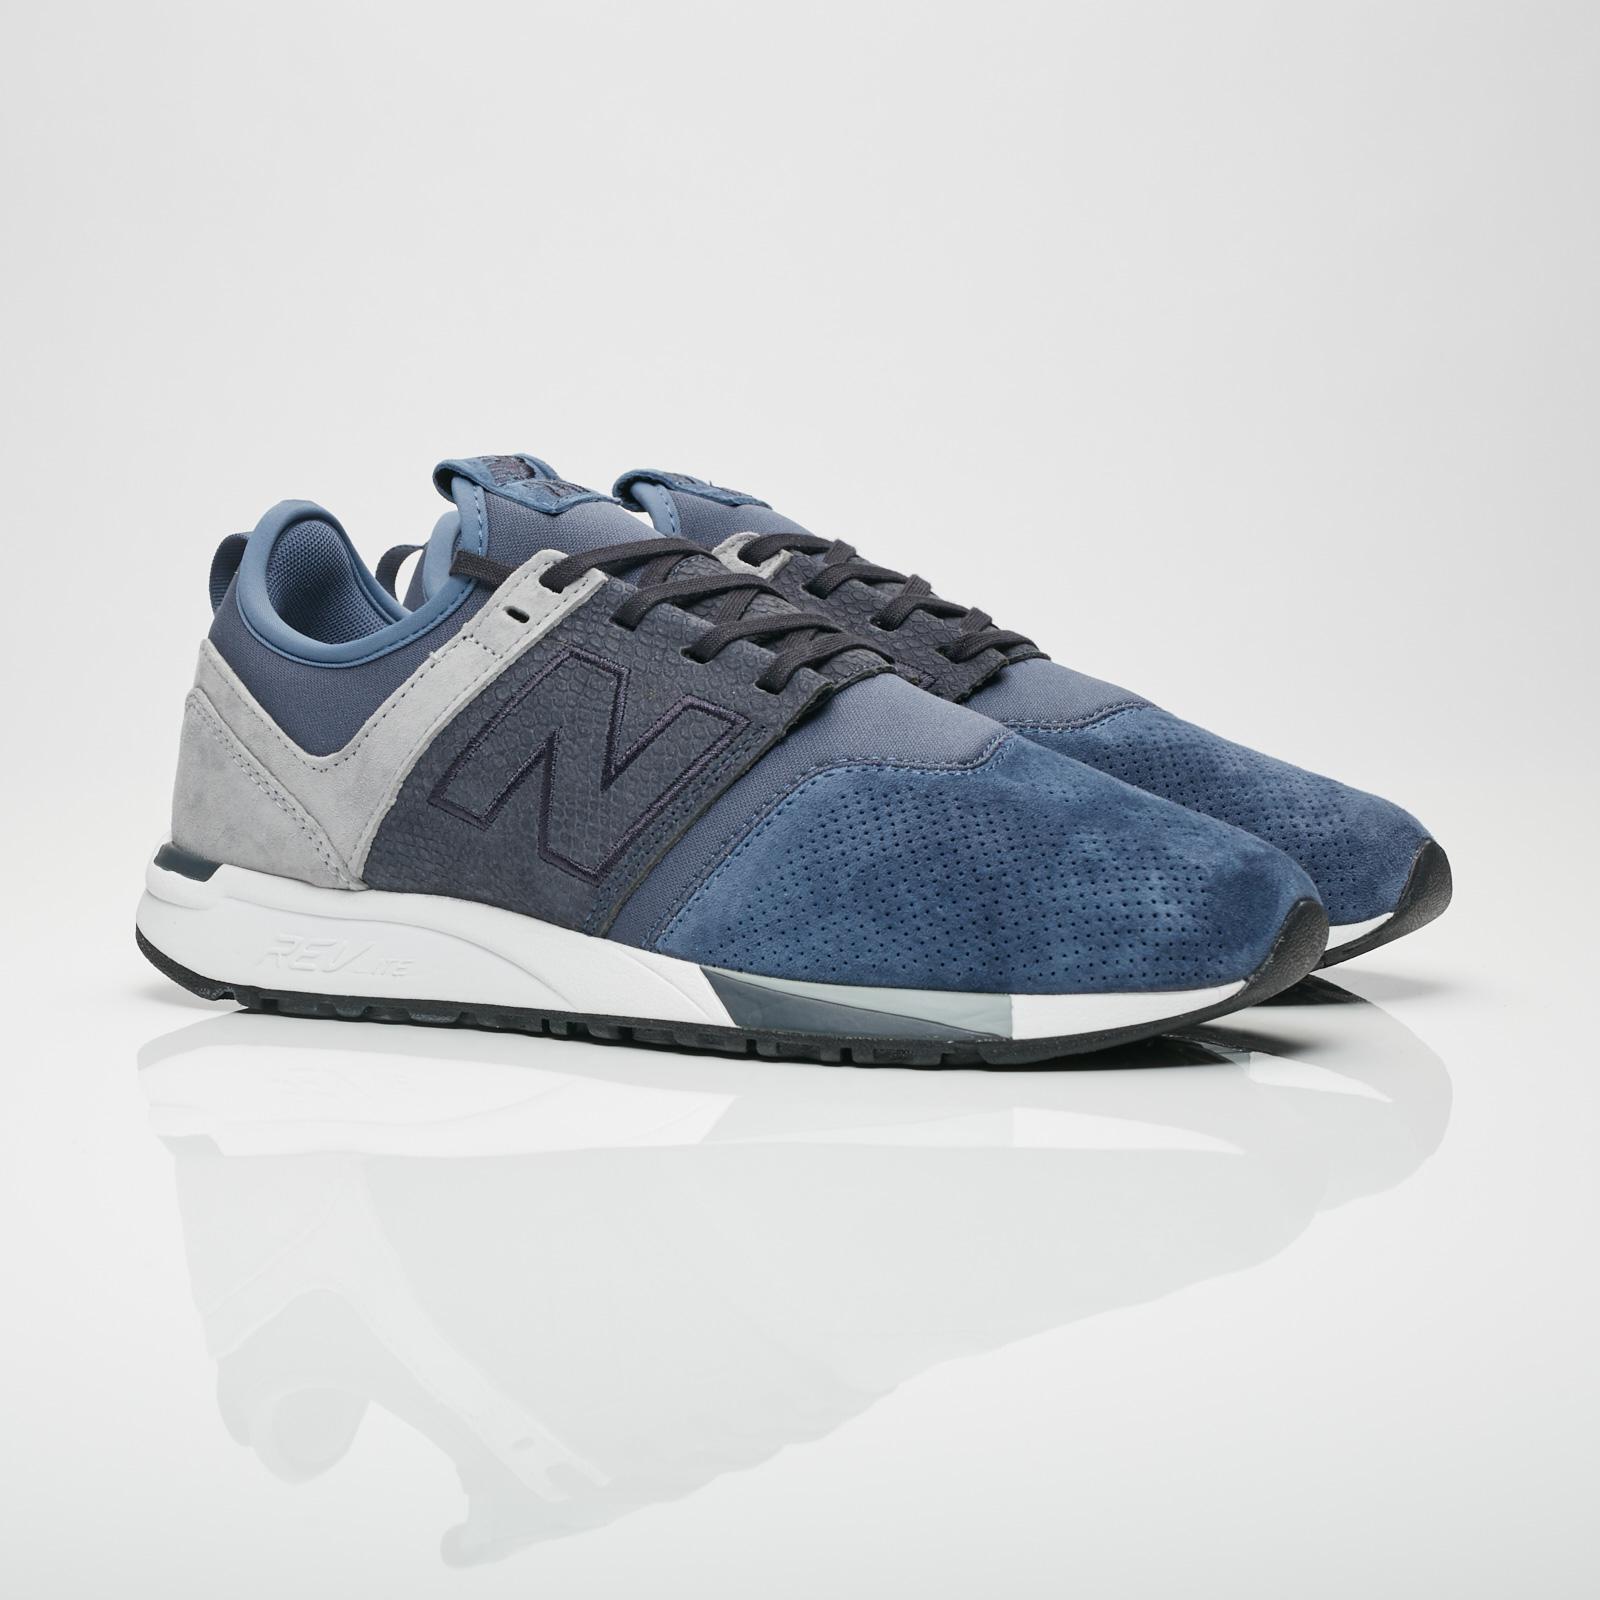 Mrl247rn - Sneakersnstuff   sneakers